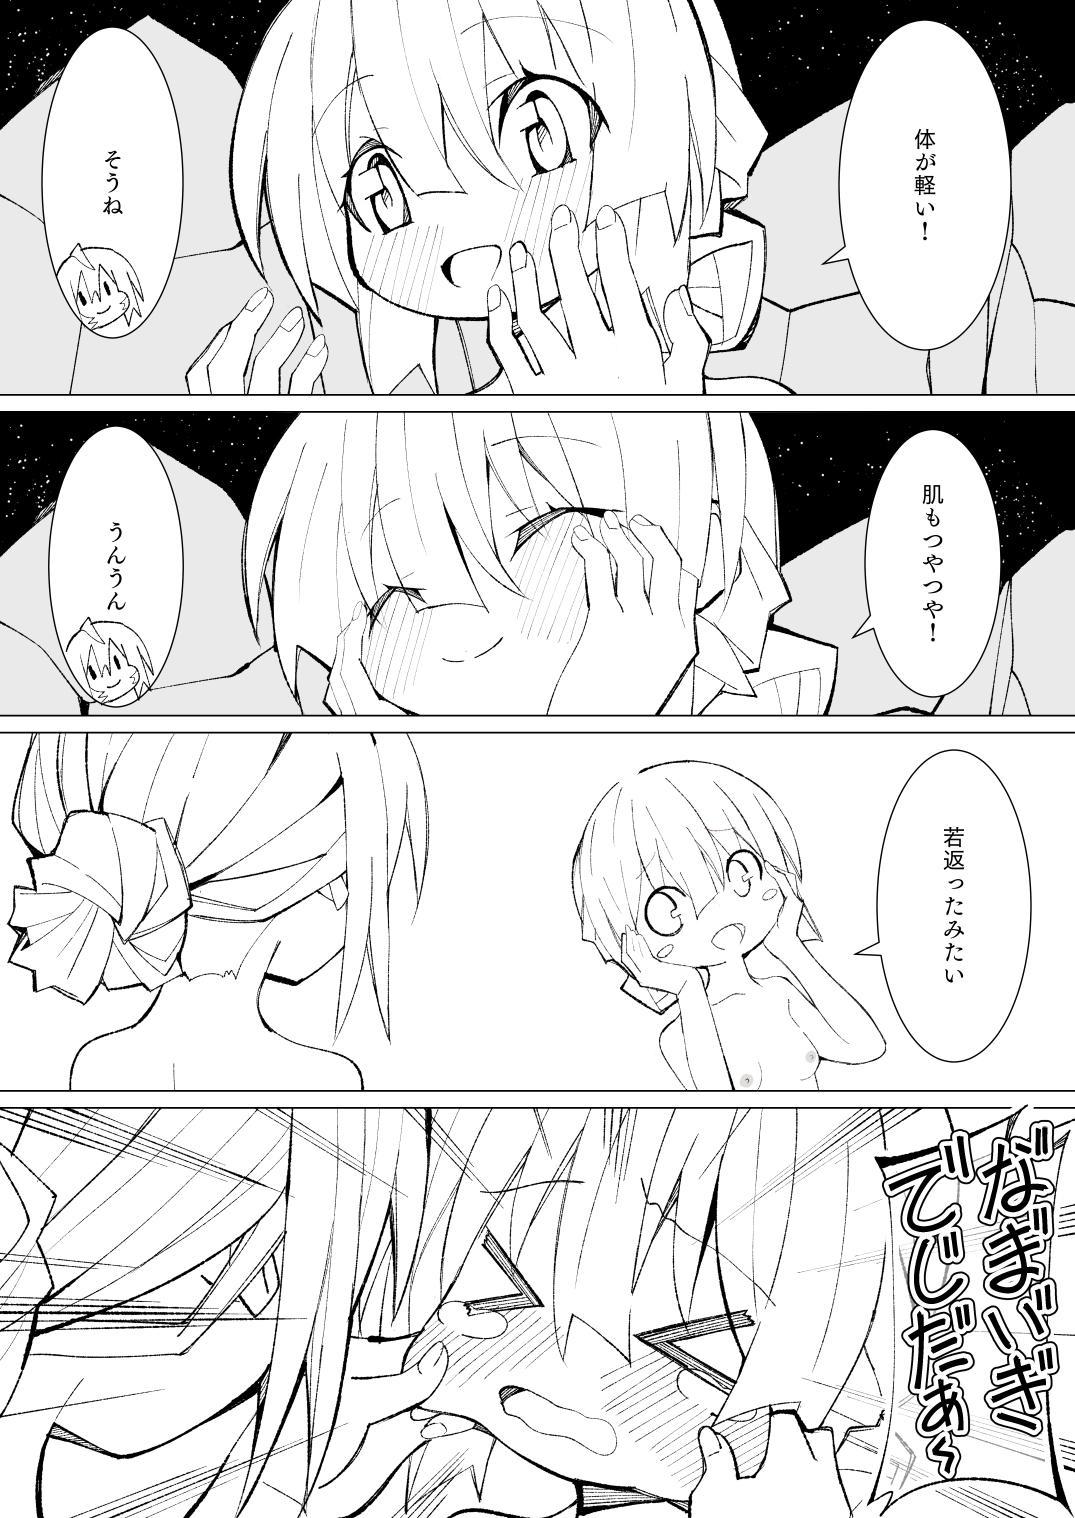 Ishu kan fūzoku-gai3 shokubutsu shokushu × rori 99